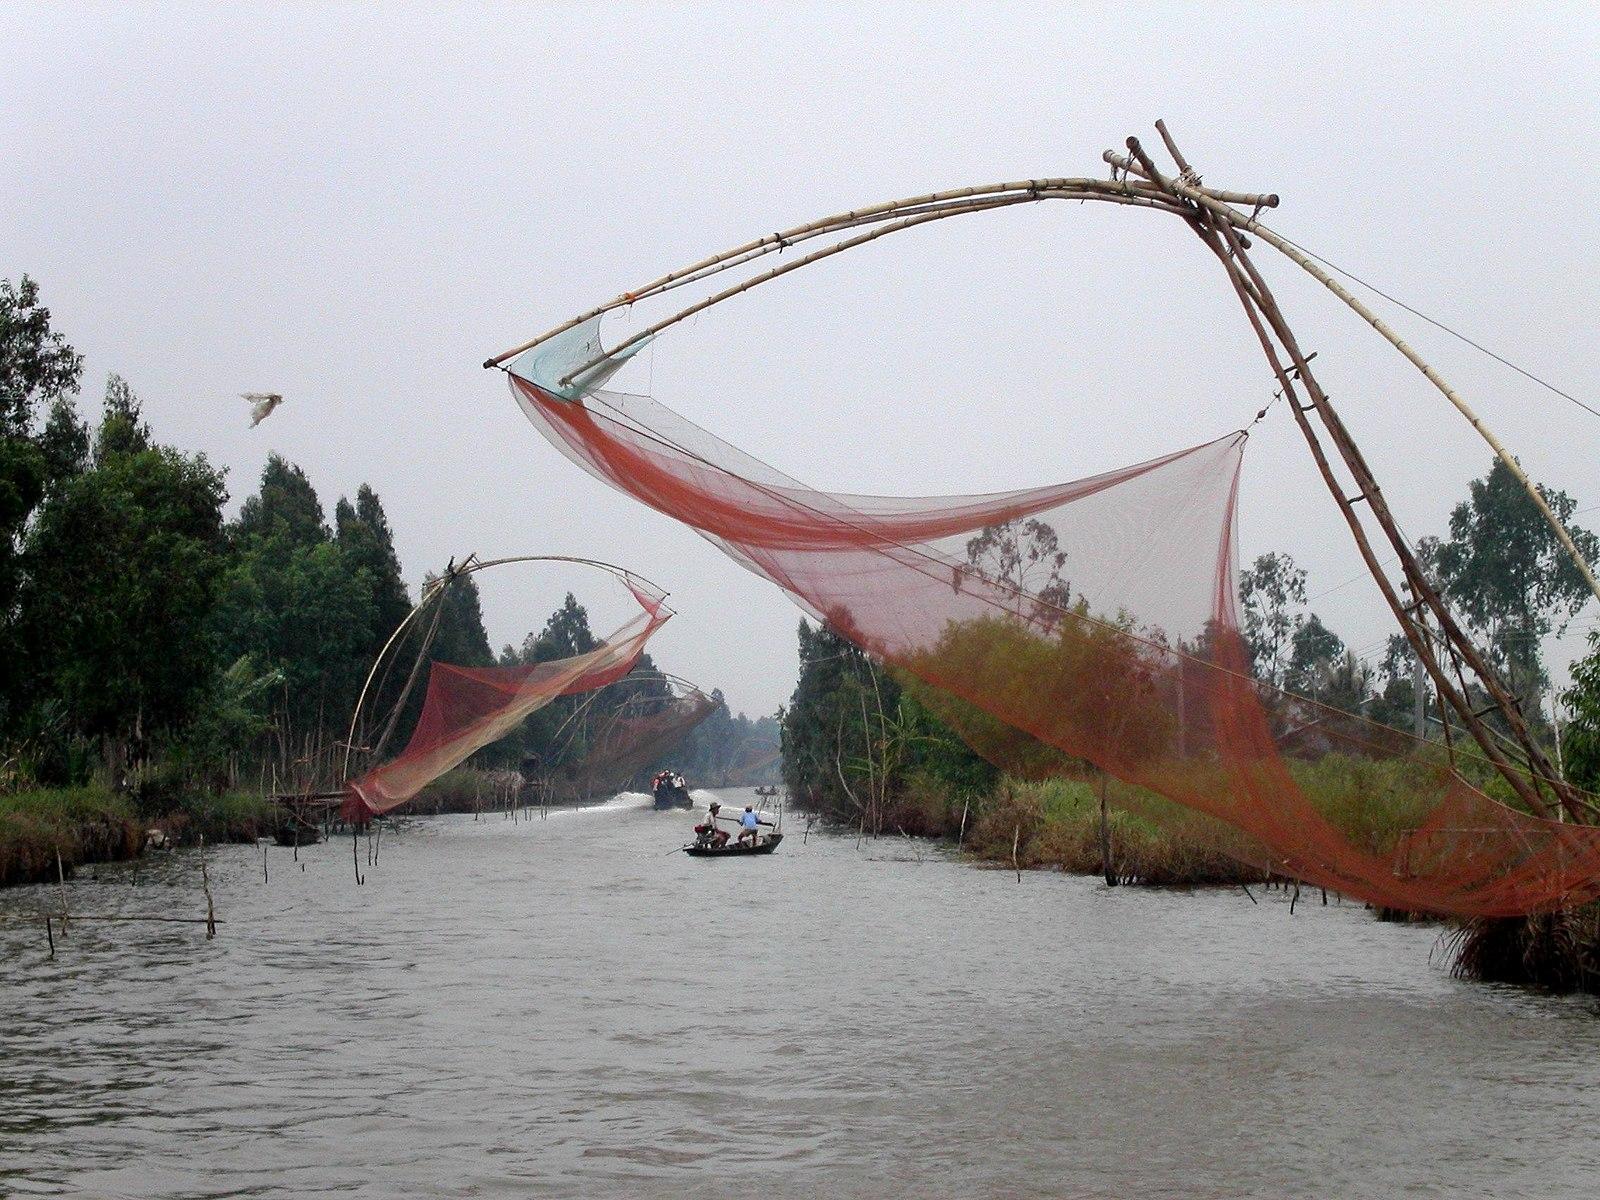 Найти фотографию вьетнамка в рыболовных сетях